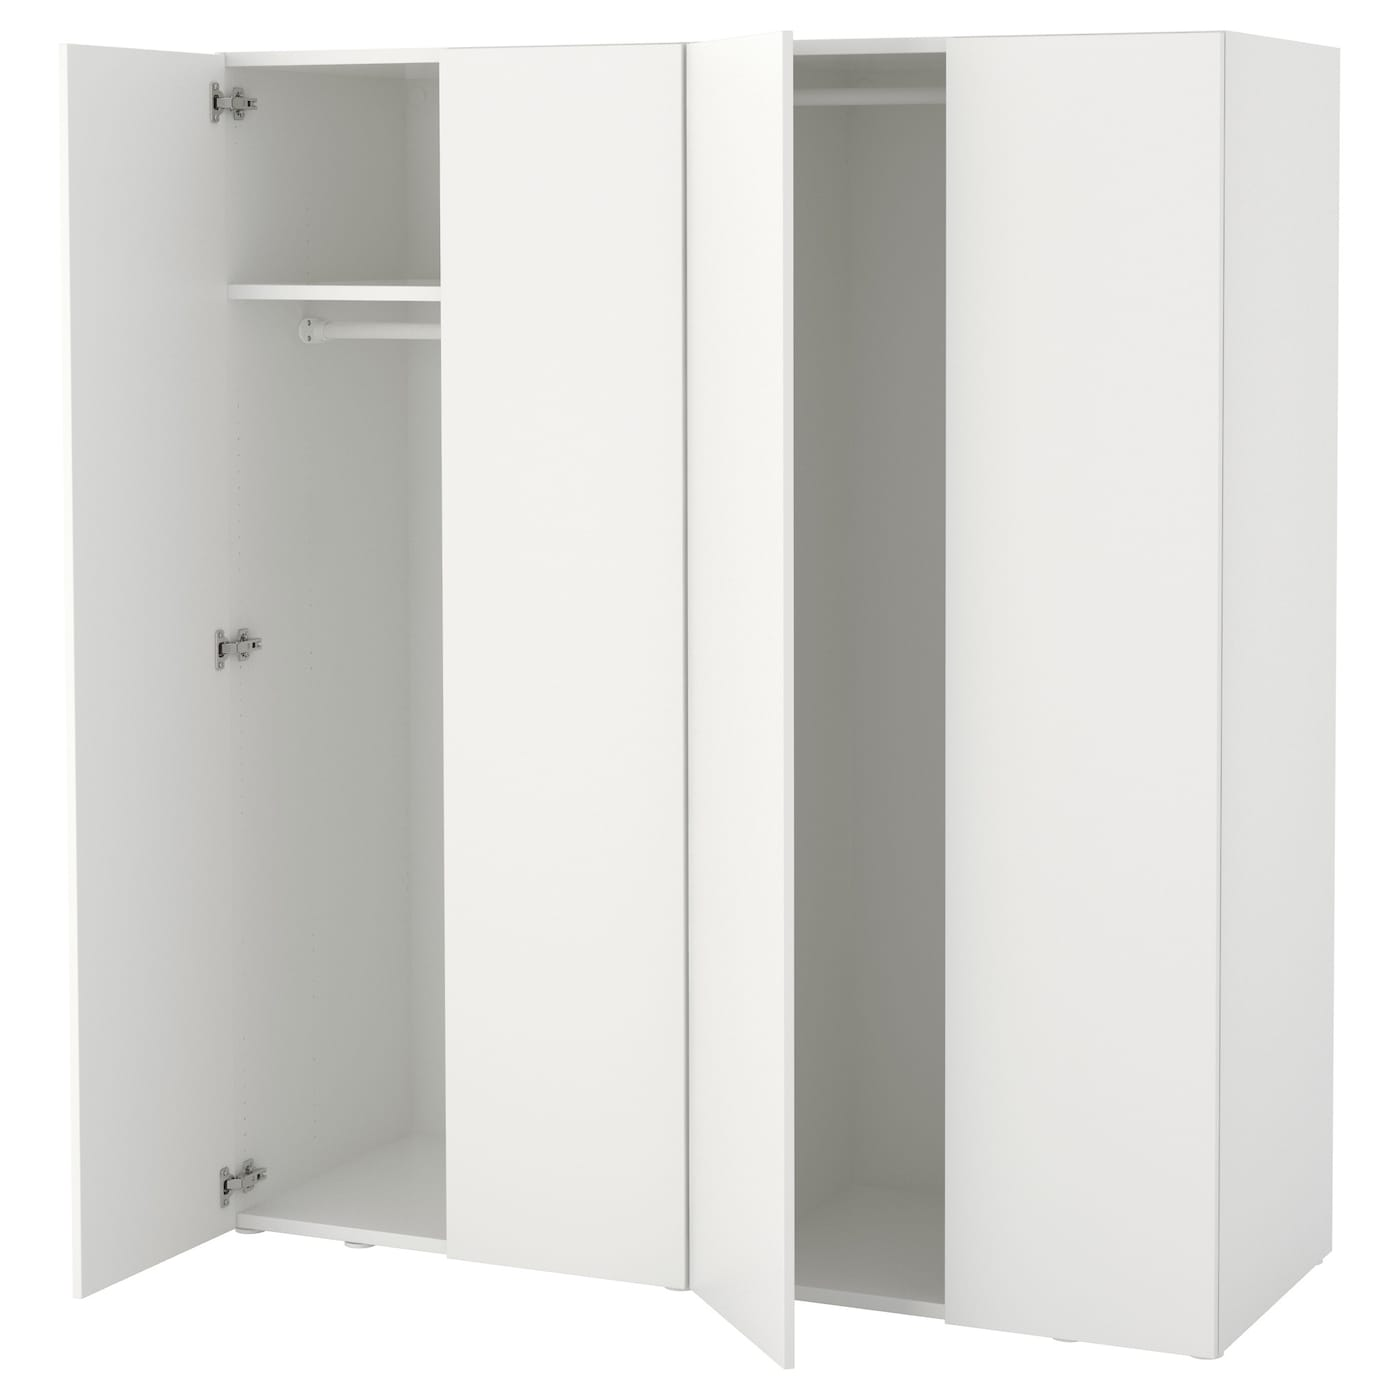 Platsa armoire penderie blanc fonnes blanc 160 x 57 x 181 for Outil de planification de placard ikea